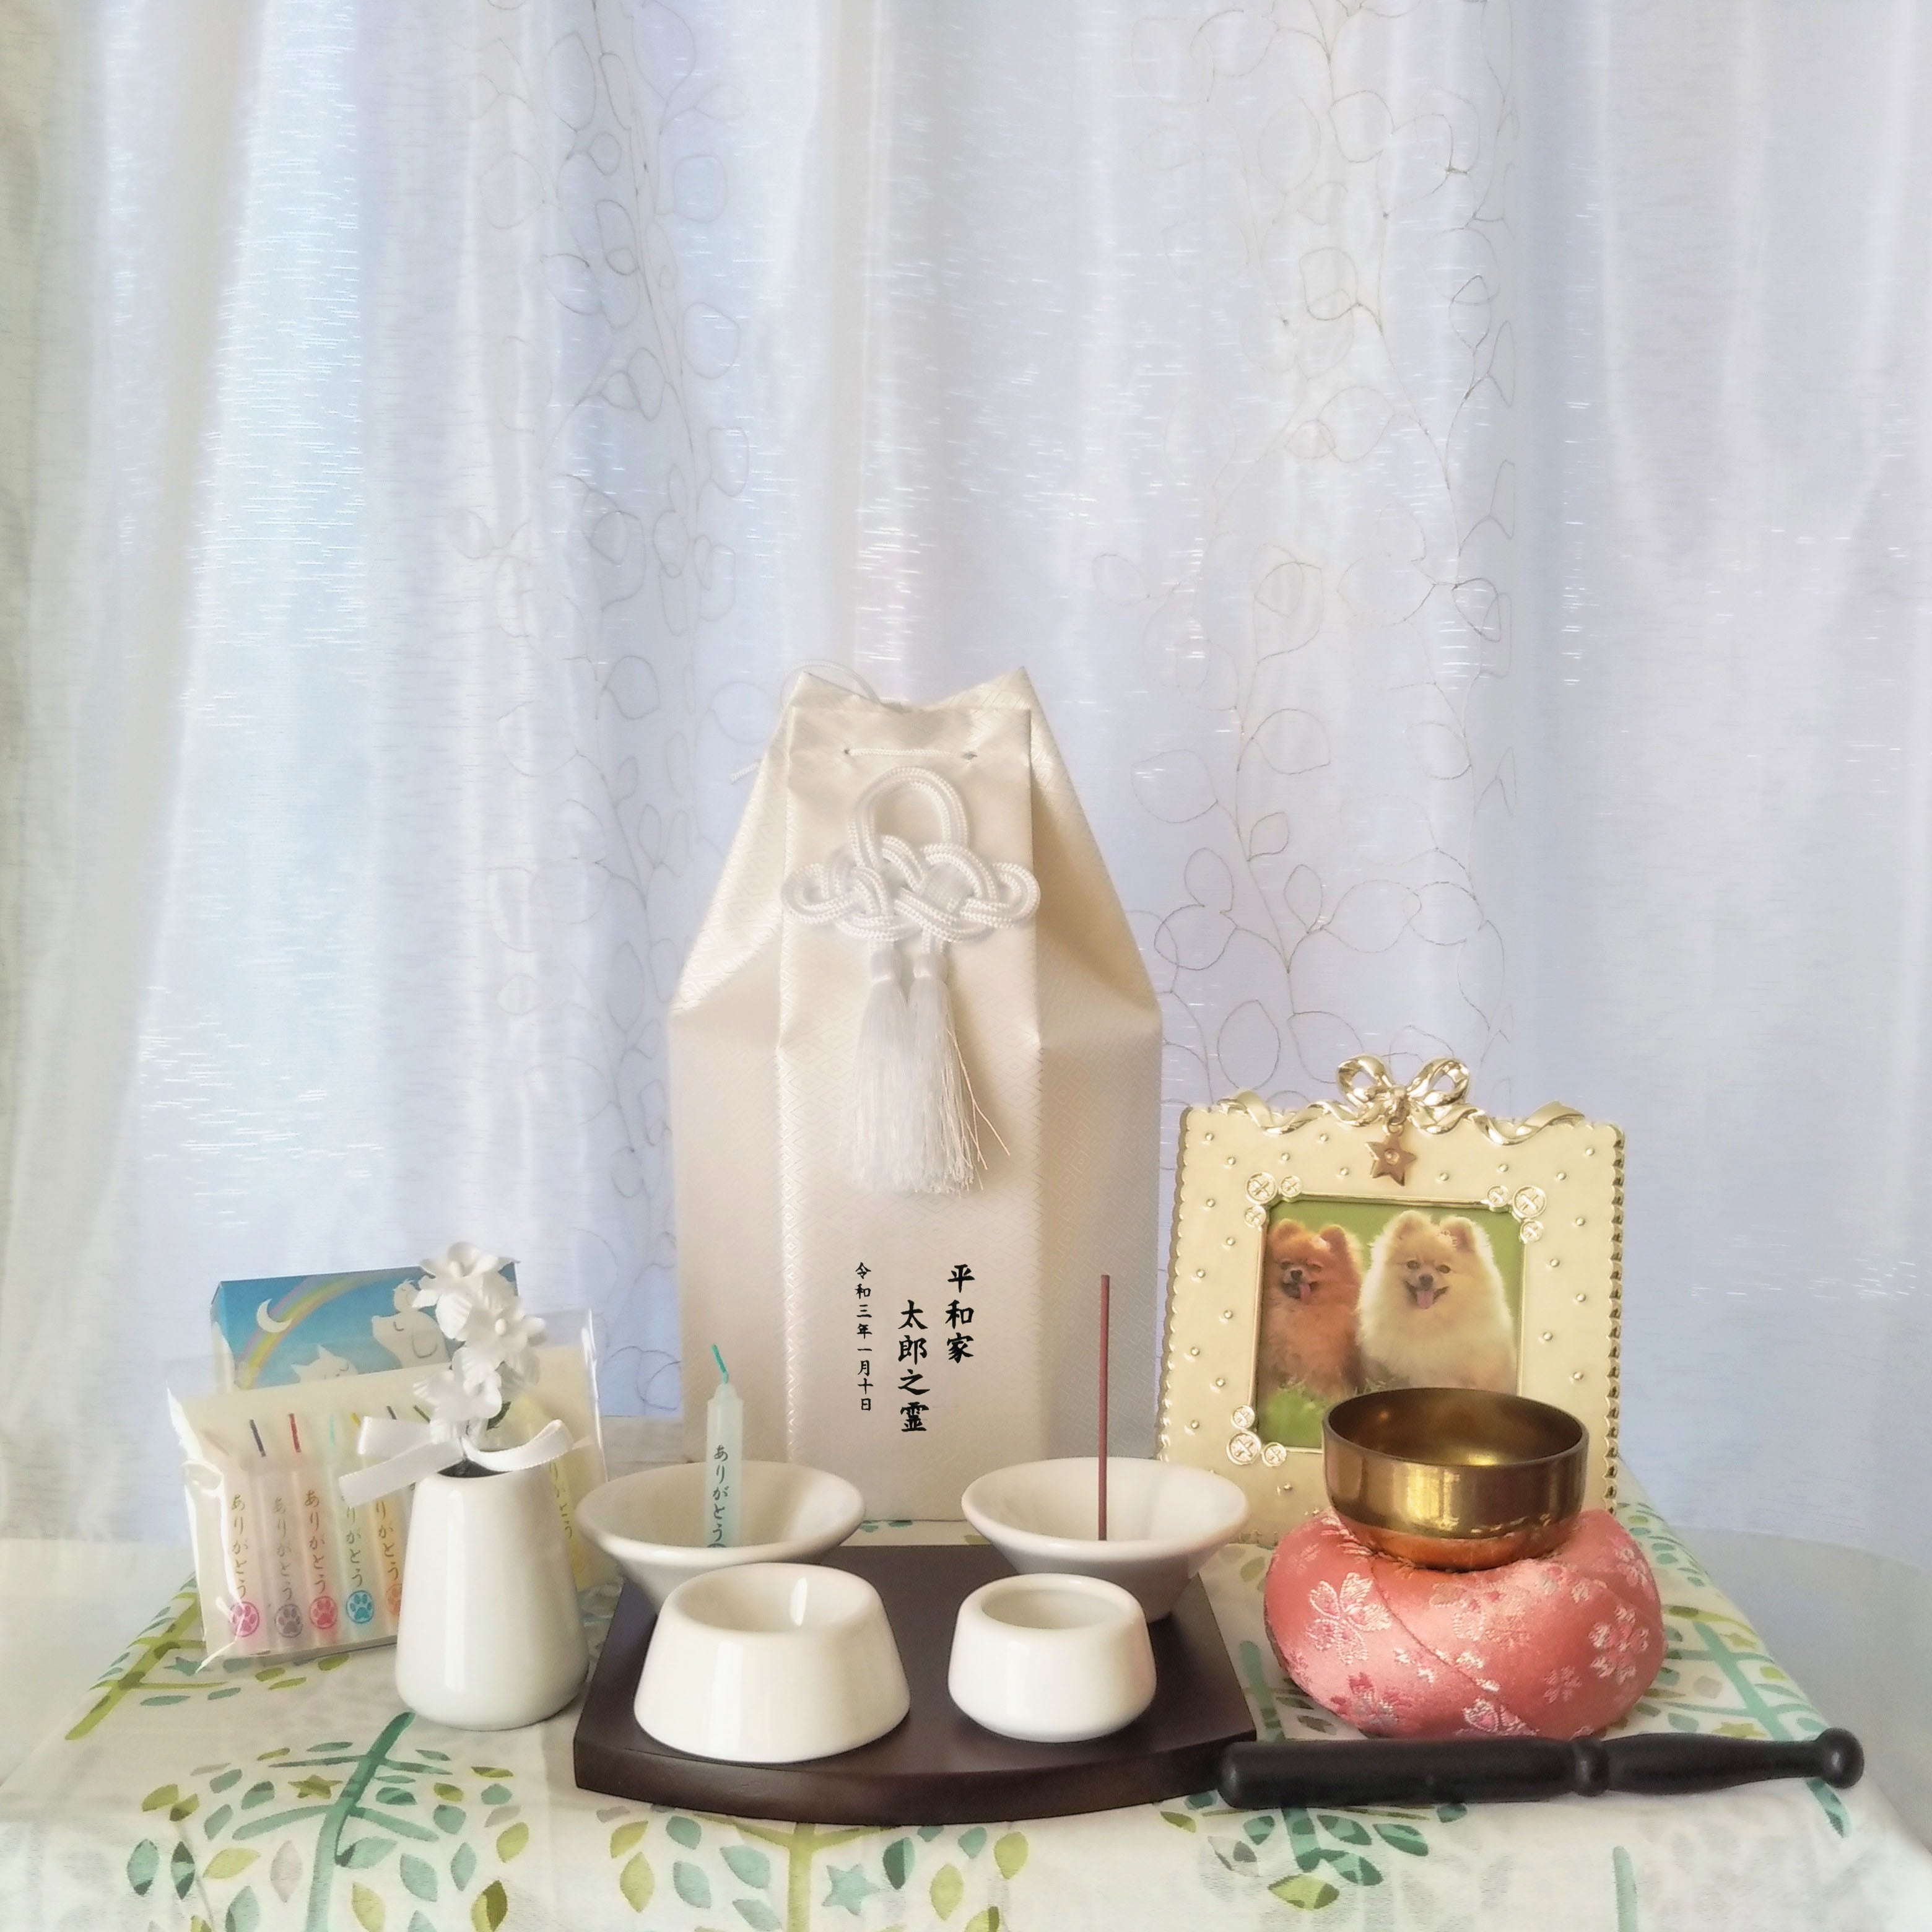 初めての自宅ご供養セット【配送無料】